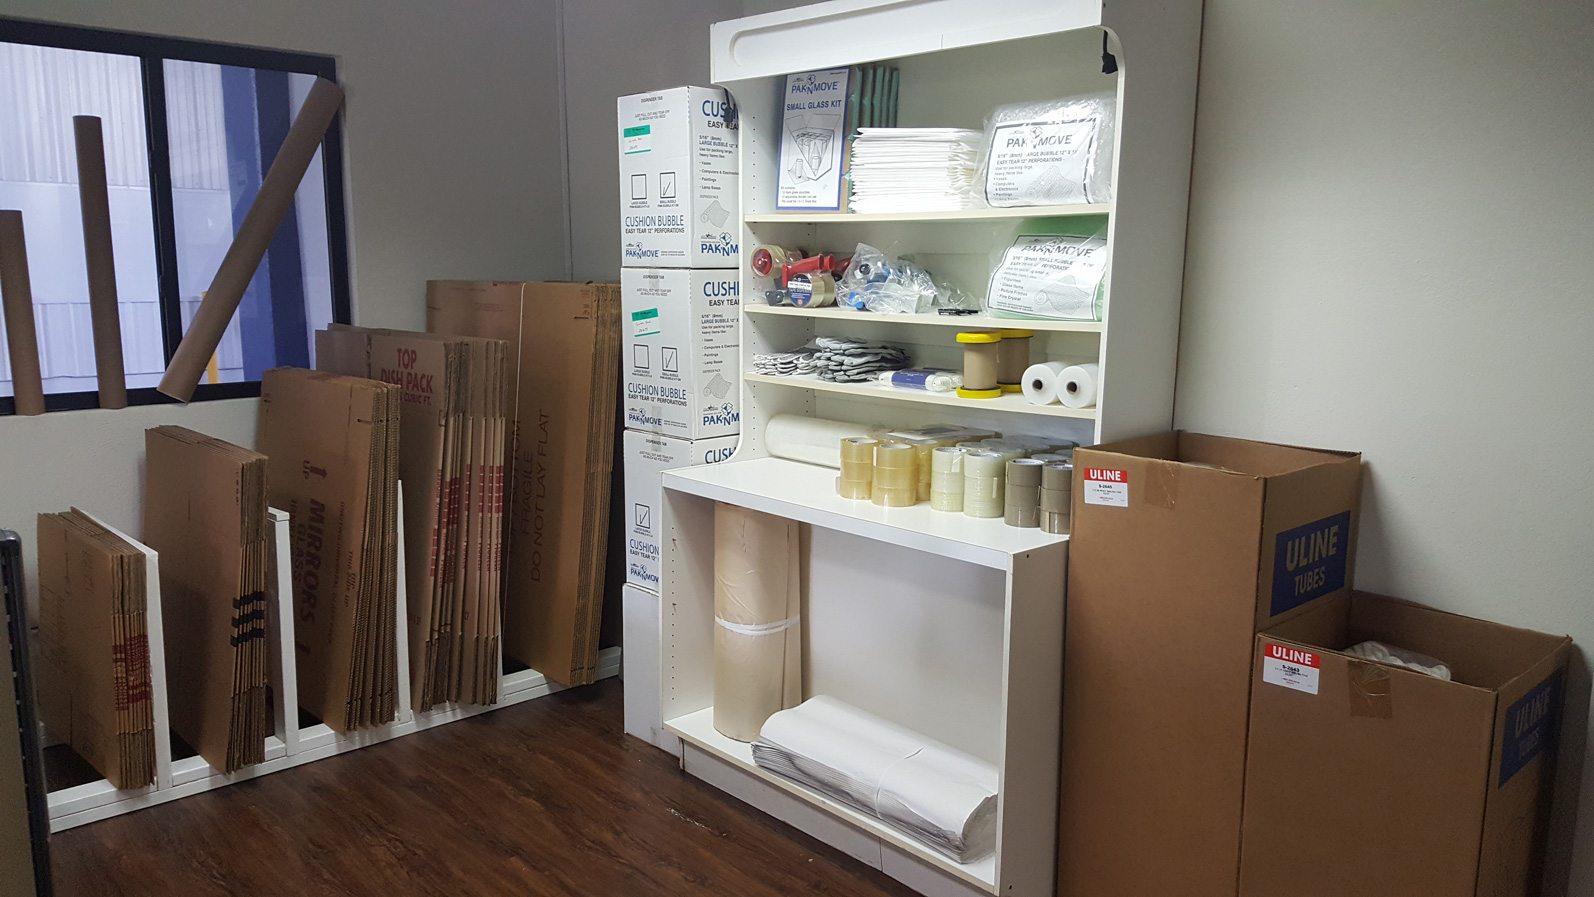 Self Storage in Guam | GU Self Storage | Personal and Business Storage Our Facility | GU Self Storage | Self Storage in Guam